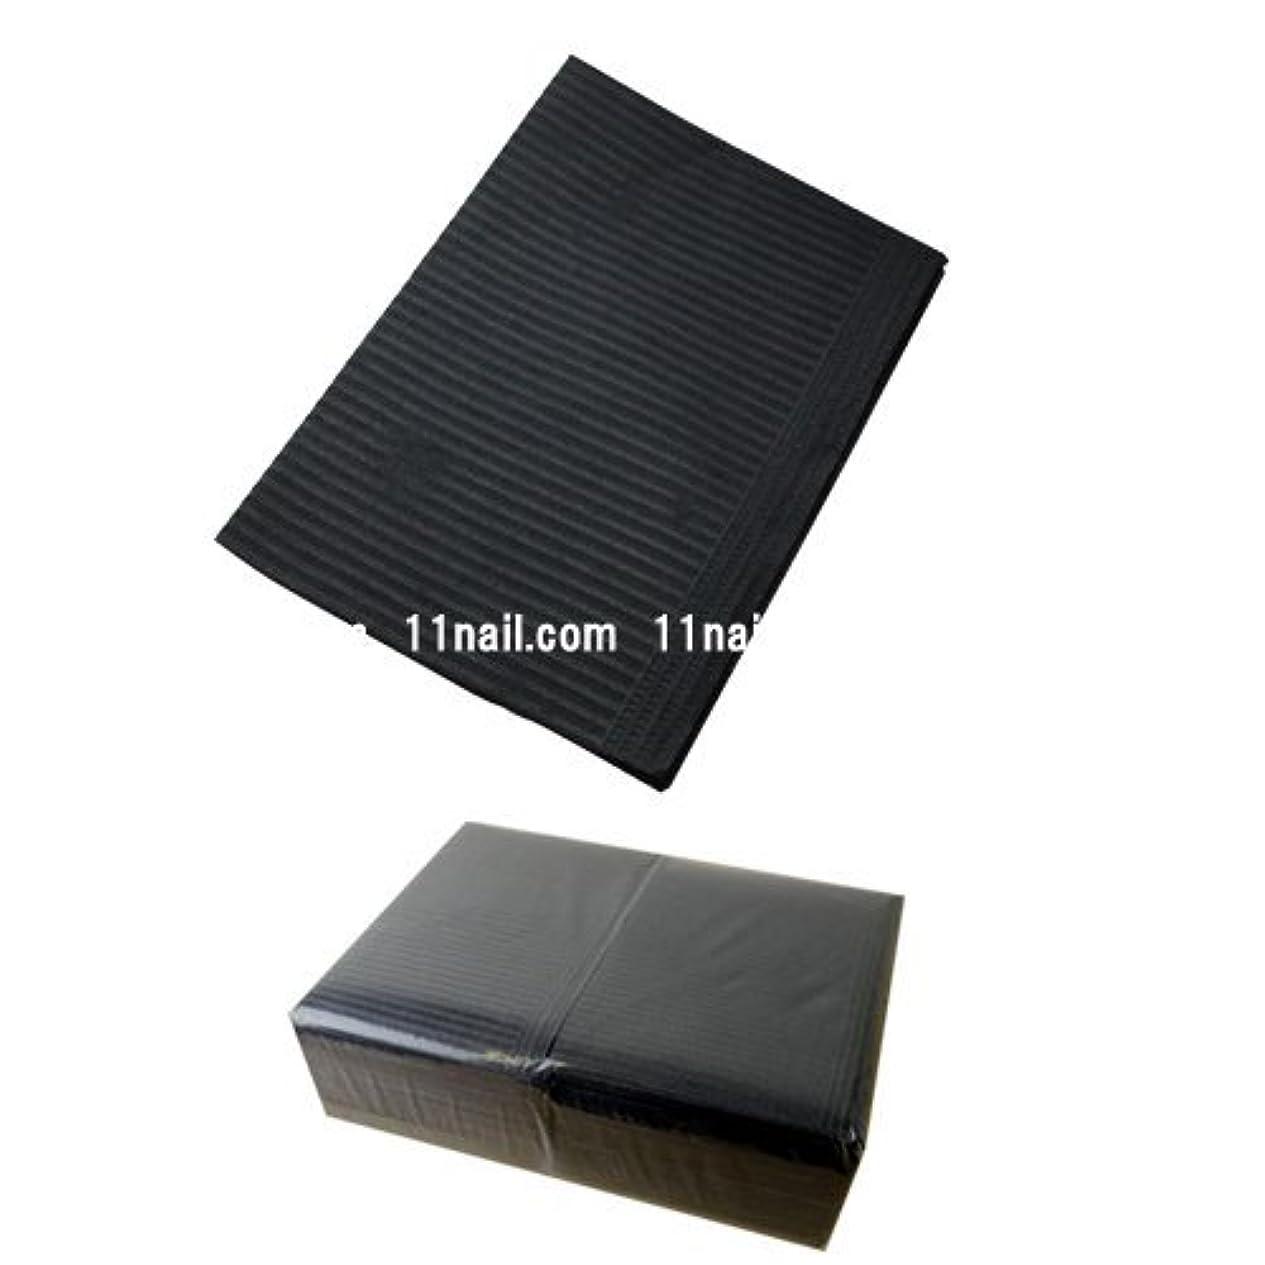 ネイル 防水ペーパー/裏面防水ネイルシート 50枚 ブラック